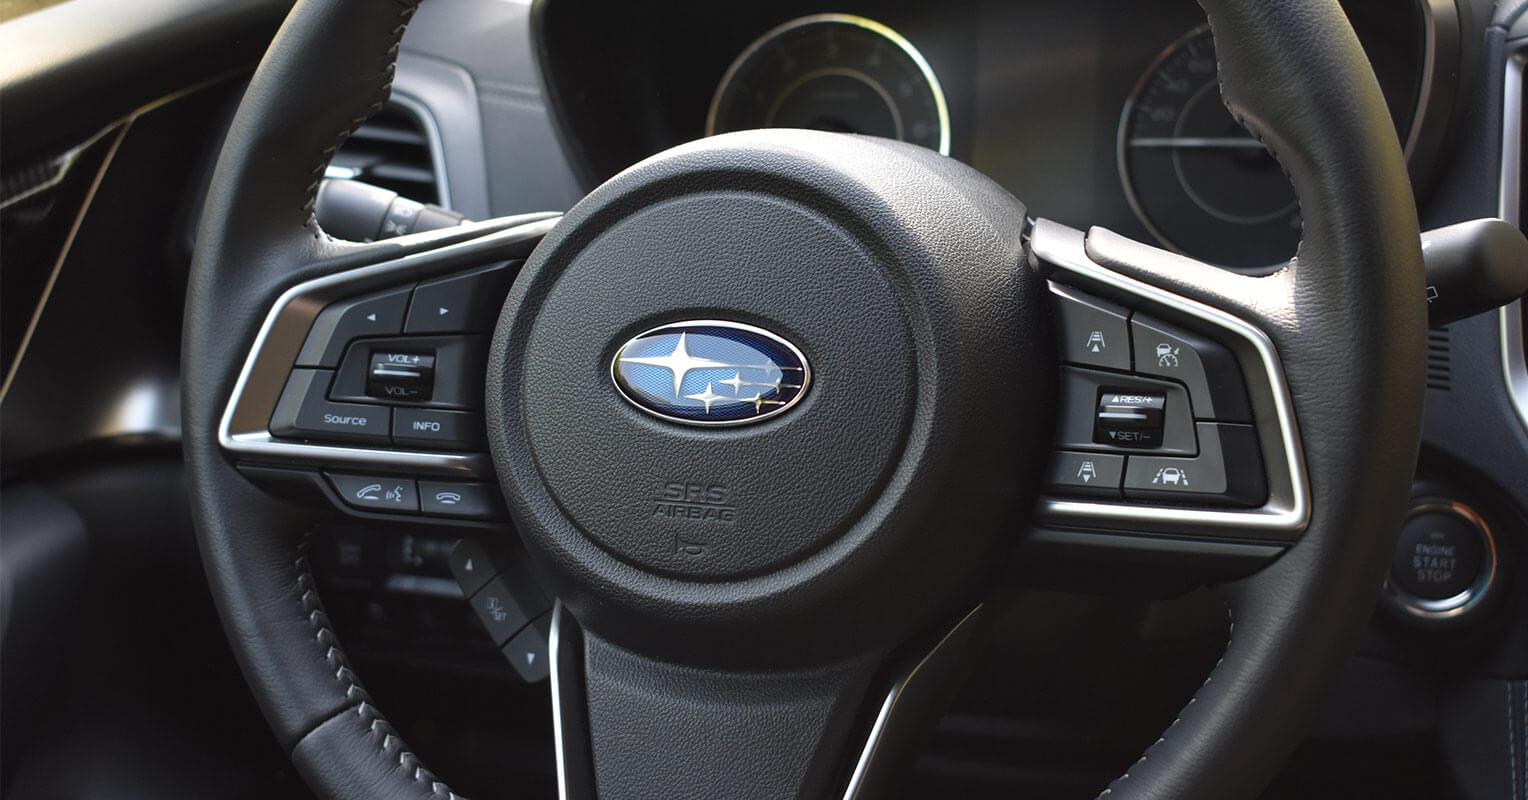 Volante del Subaru Impreza 2018